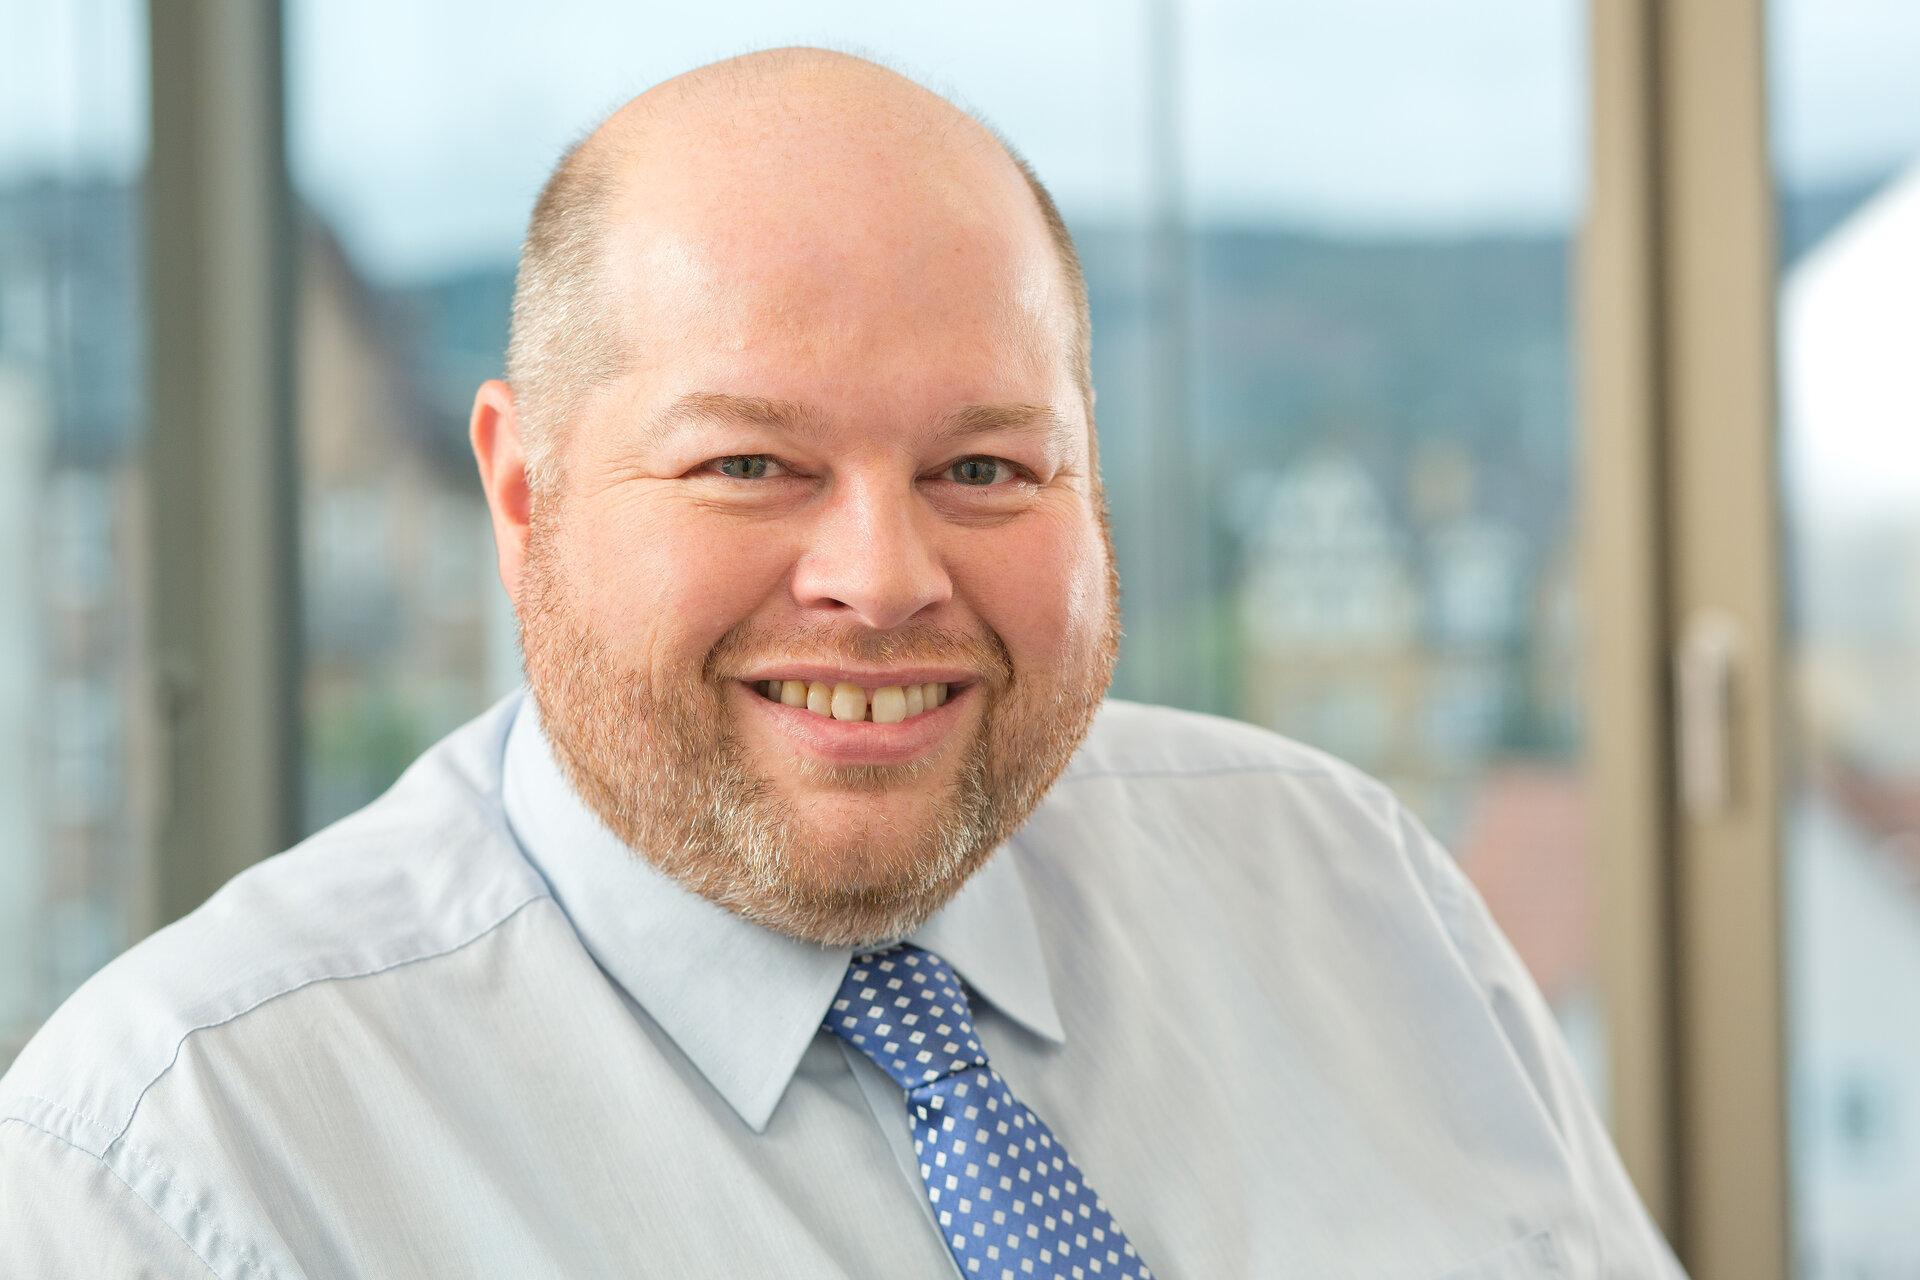 Klaus Büchsenschütz